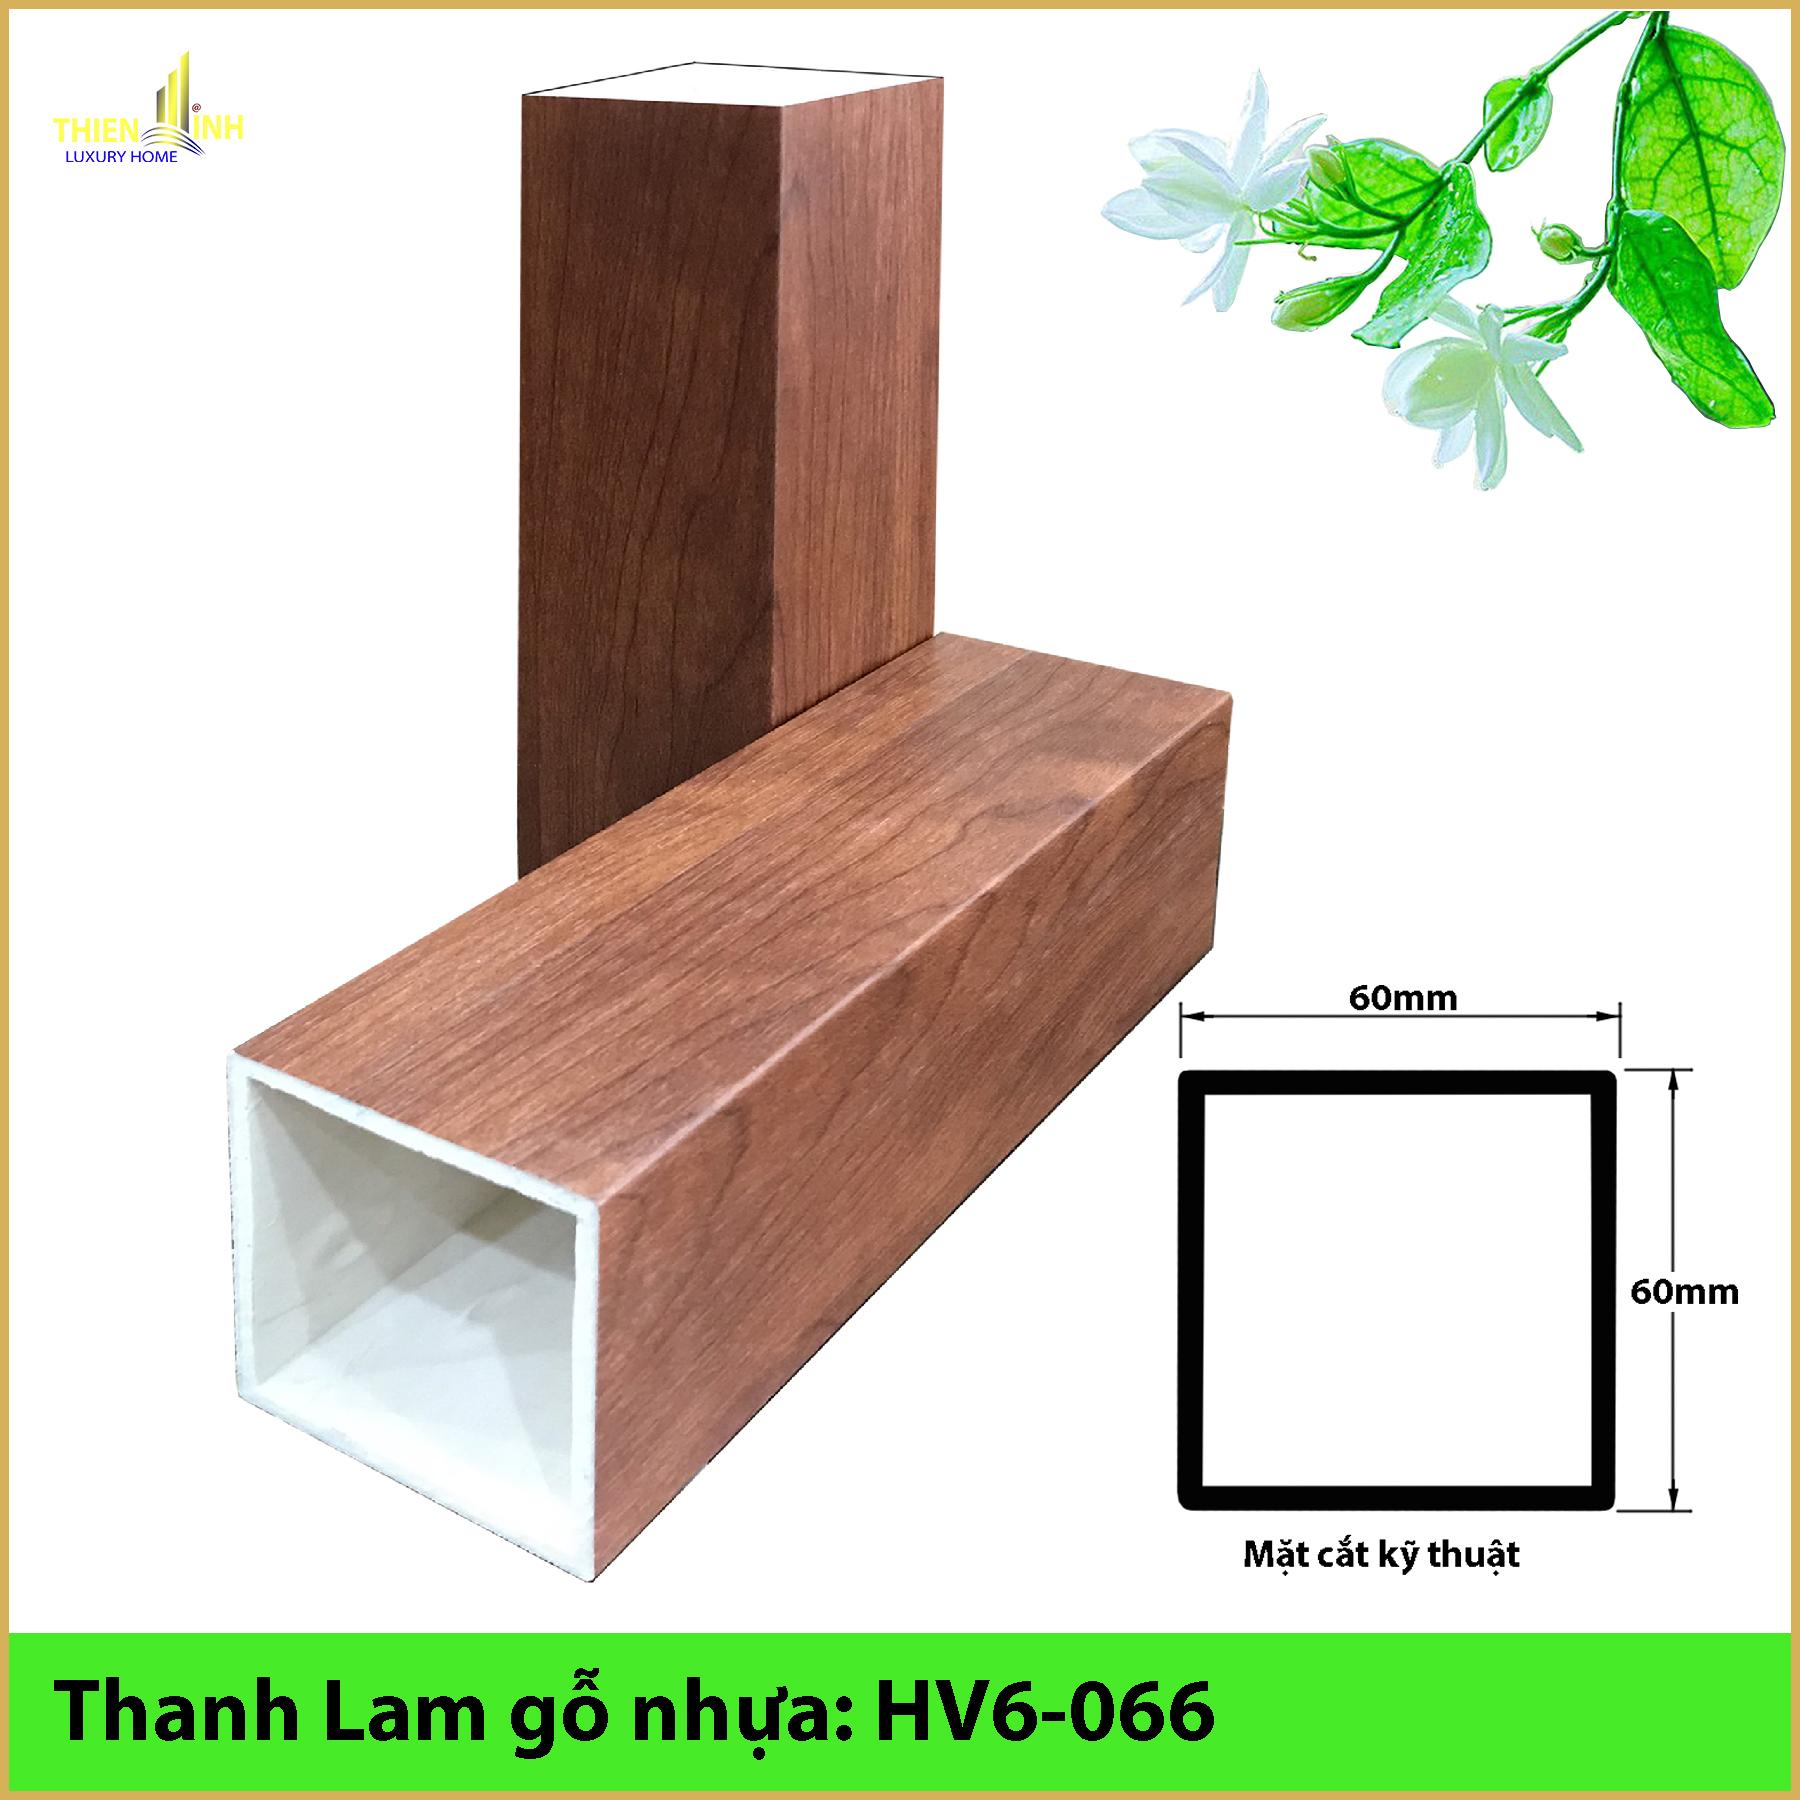 Thanh Lam gỗ nhựa HV6-066